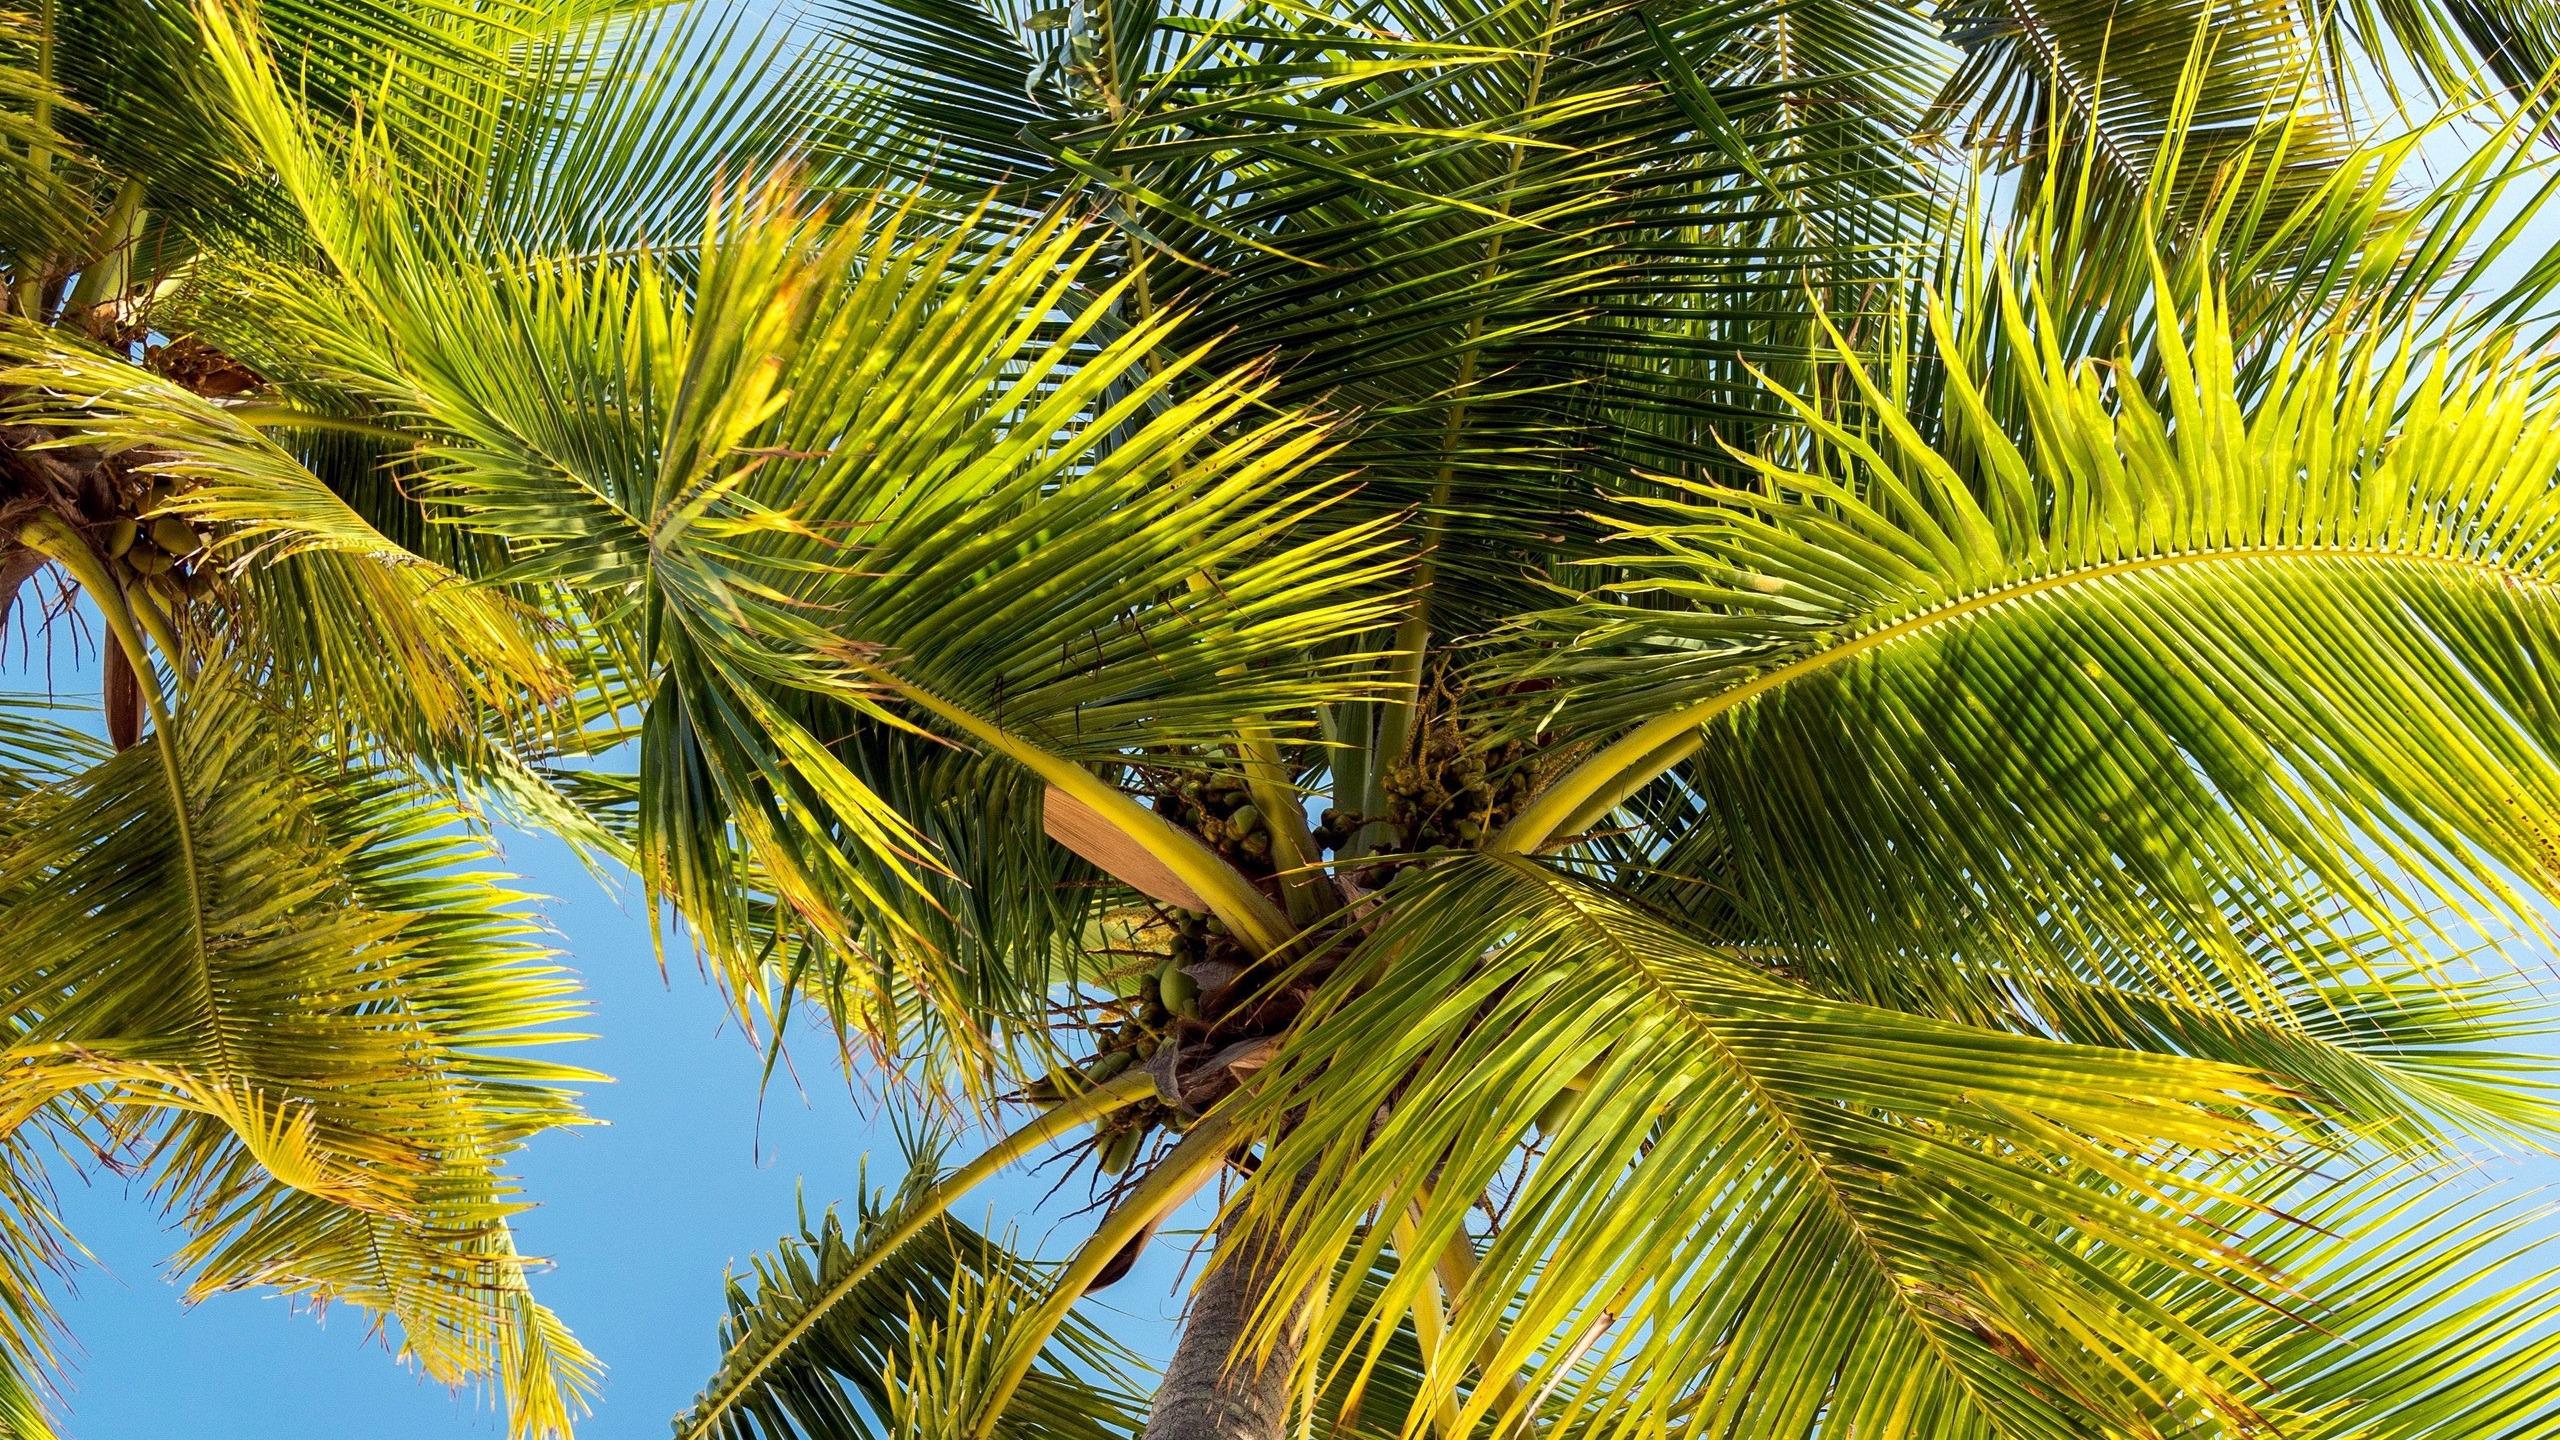 пролетает один смотреть фото пальм тропических меня такой